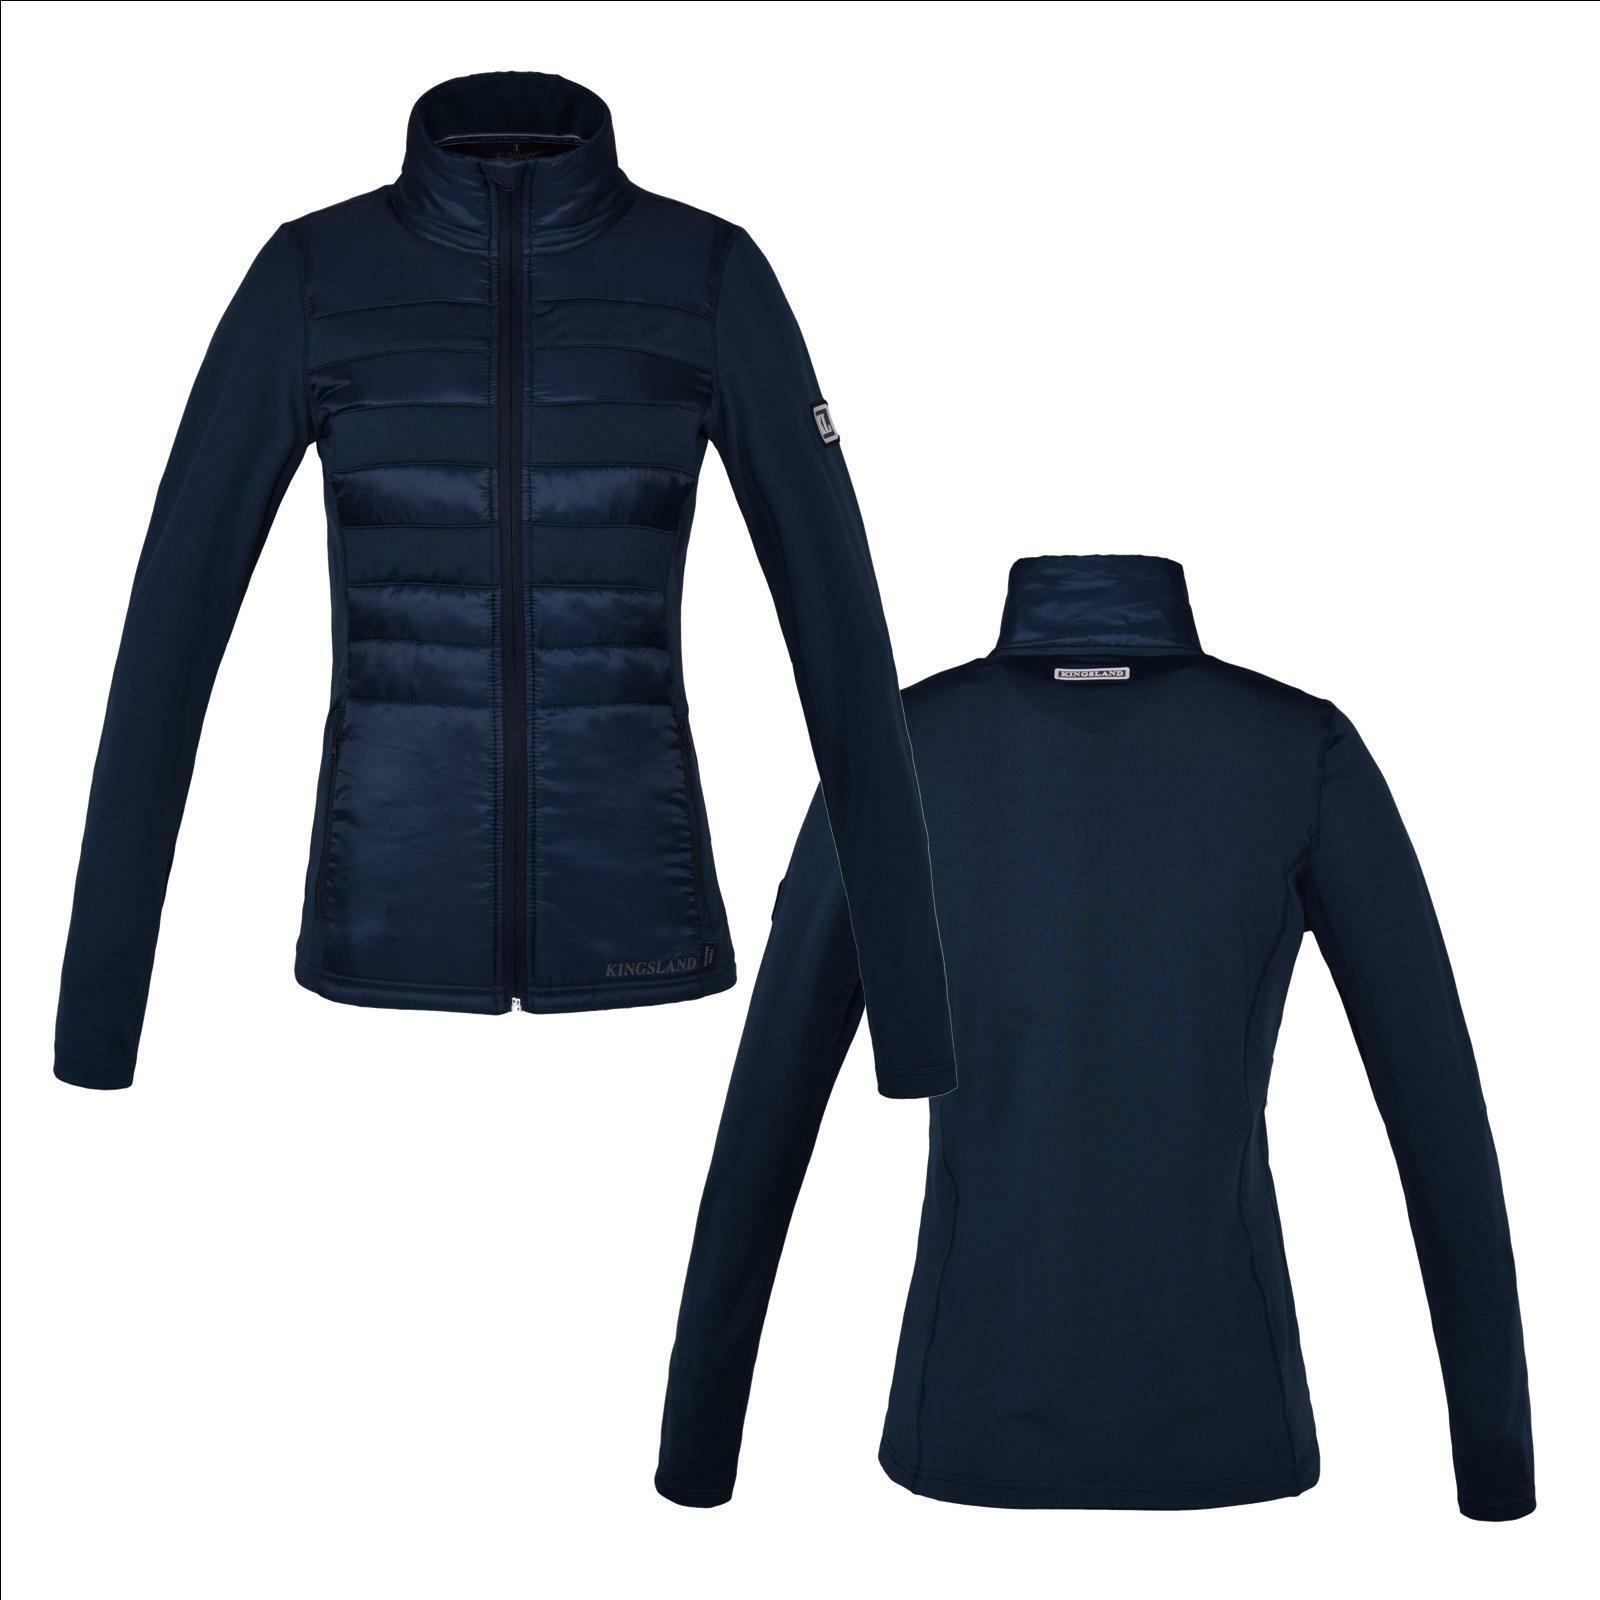 Kingsland señora Pinewood  Yecla , chaqueta señora chaqueta,